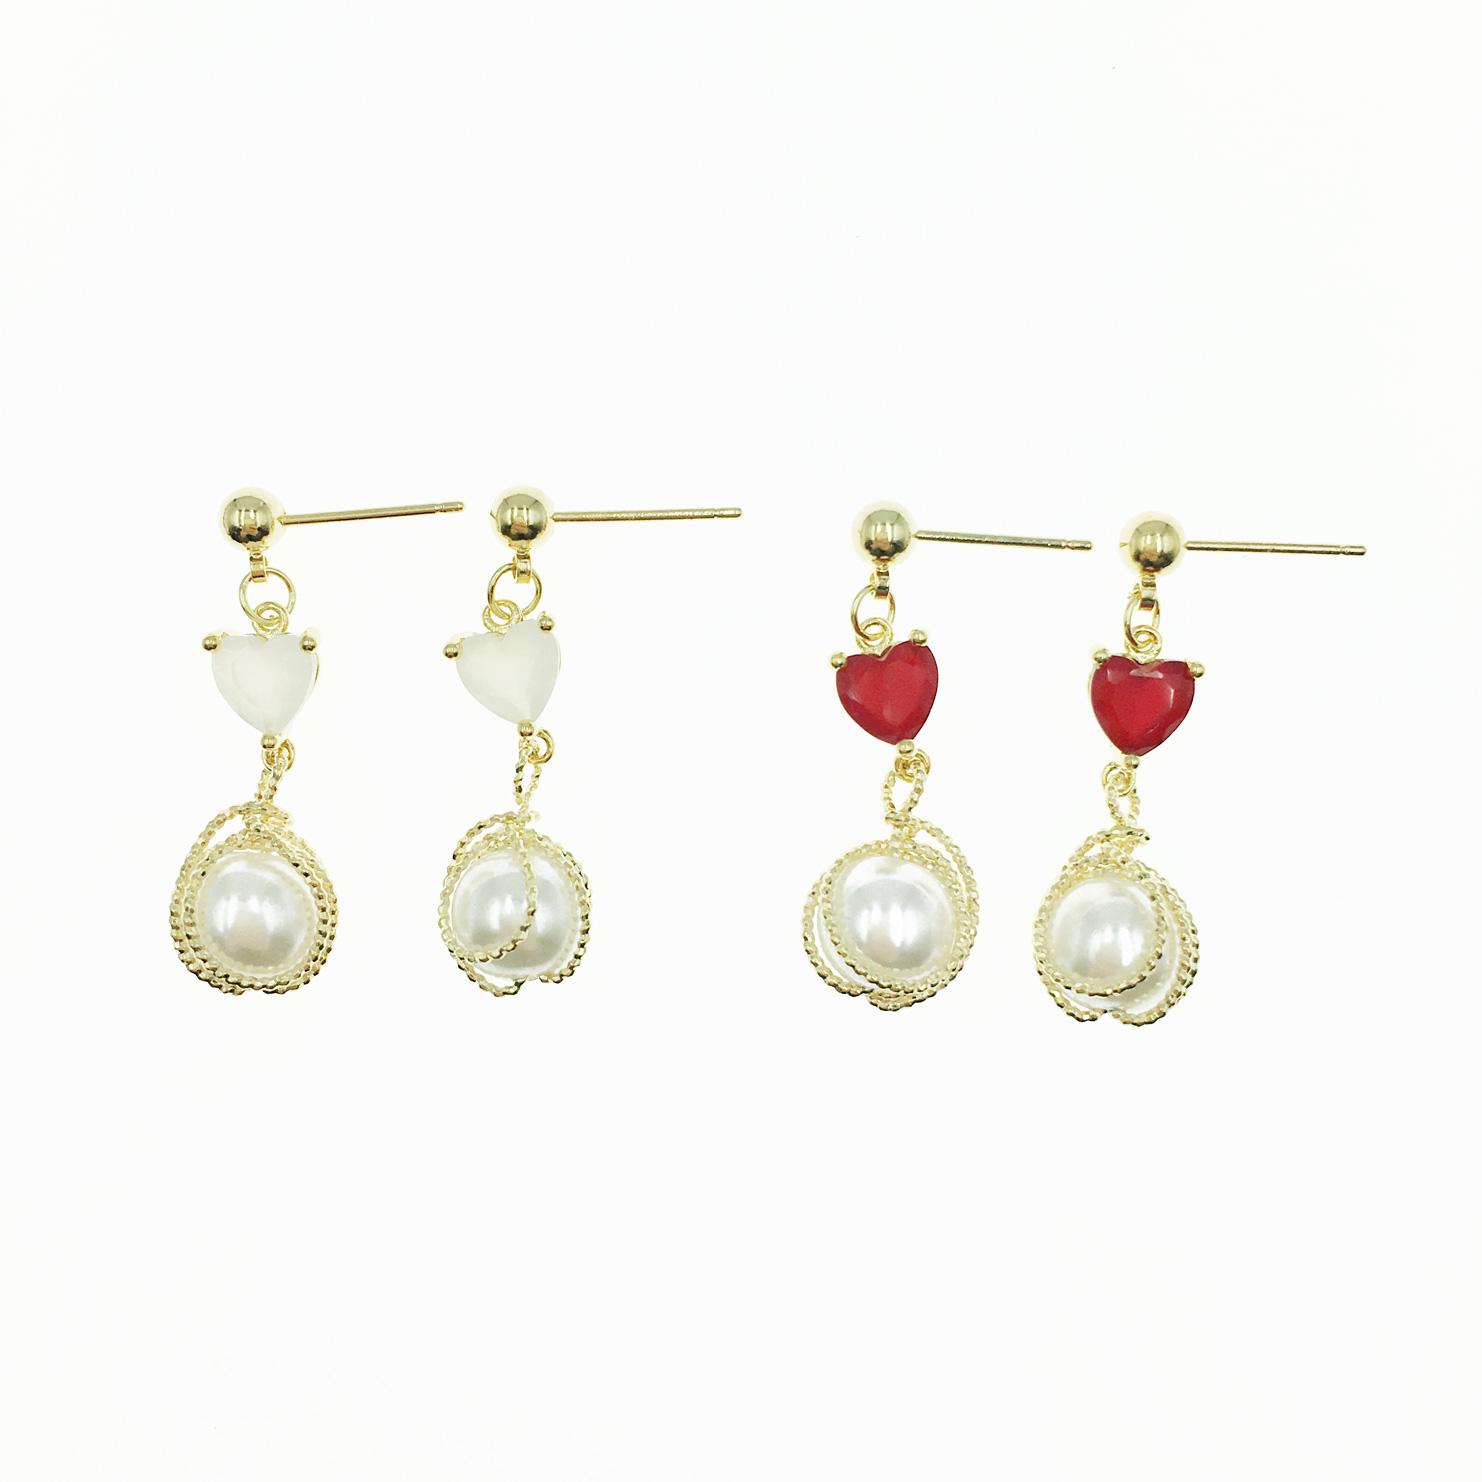 韓國 愛心 小金珠 金線螺旋 珍珠 2色 垂墜感耳針式耳環